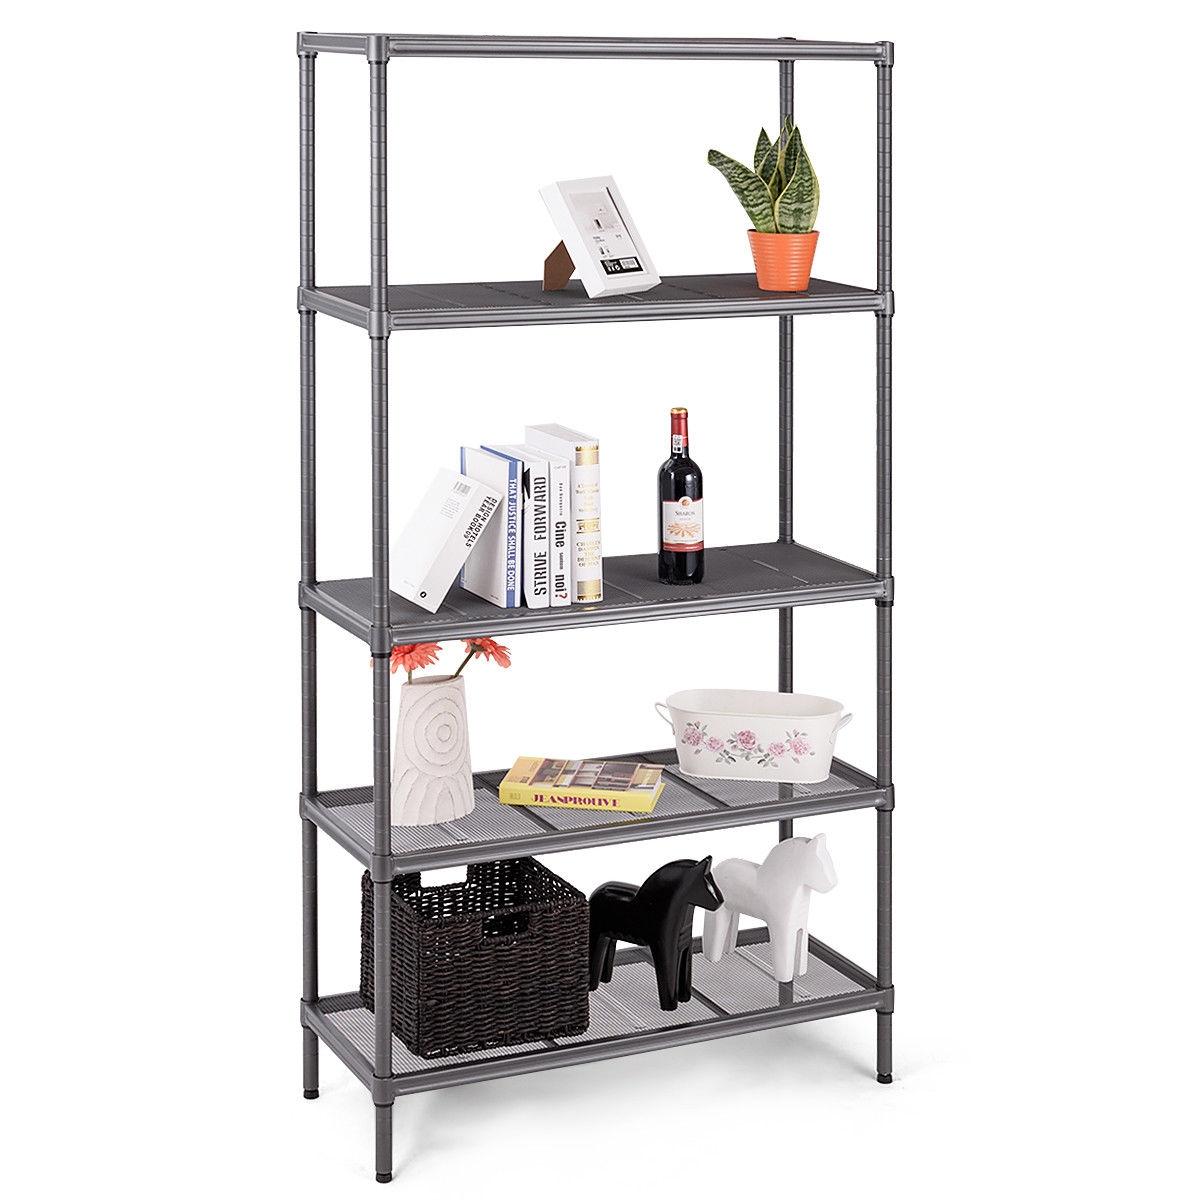 Steel Mesh Organization Home Kitchen Storage Shelf Rack-5